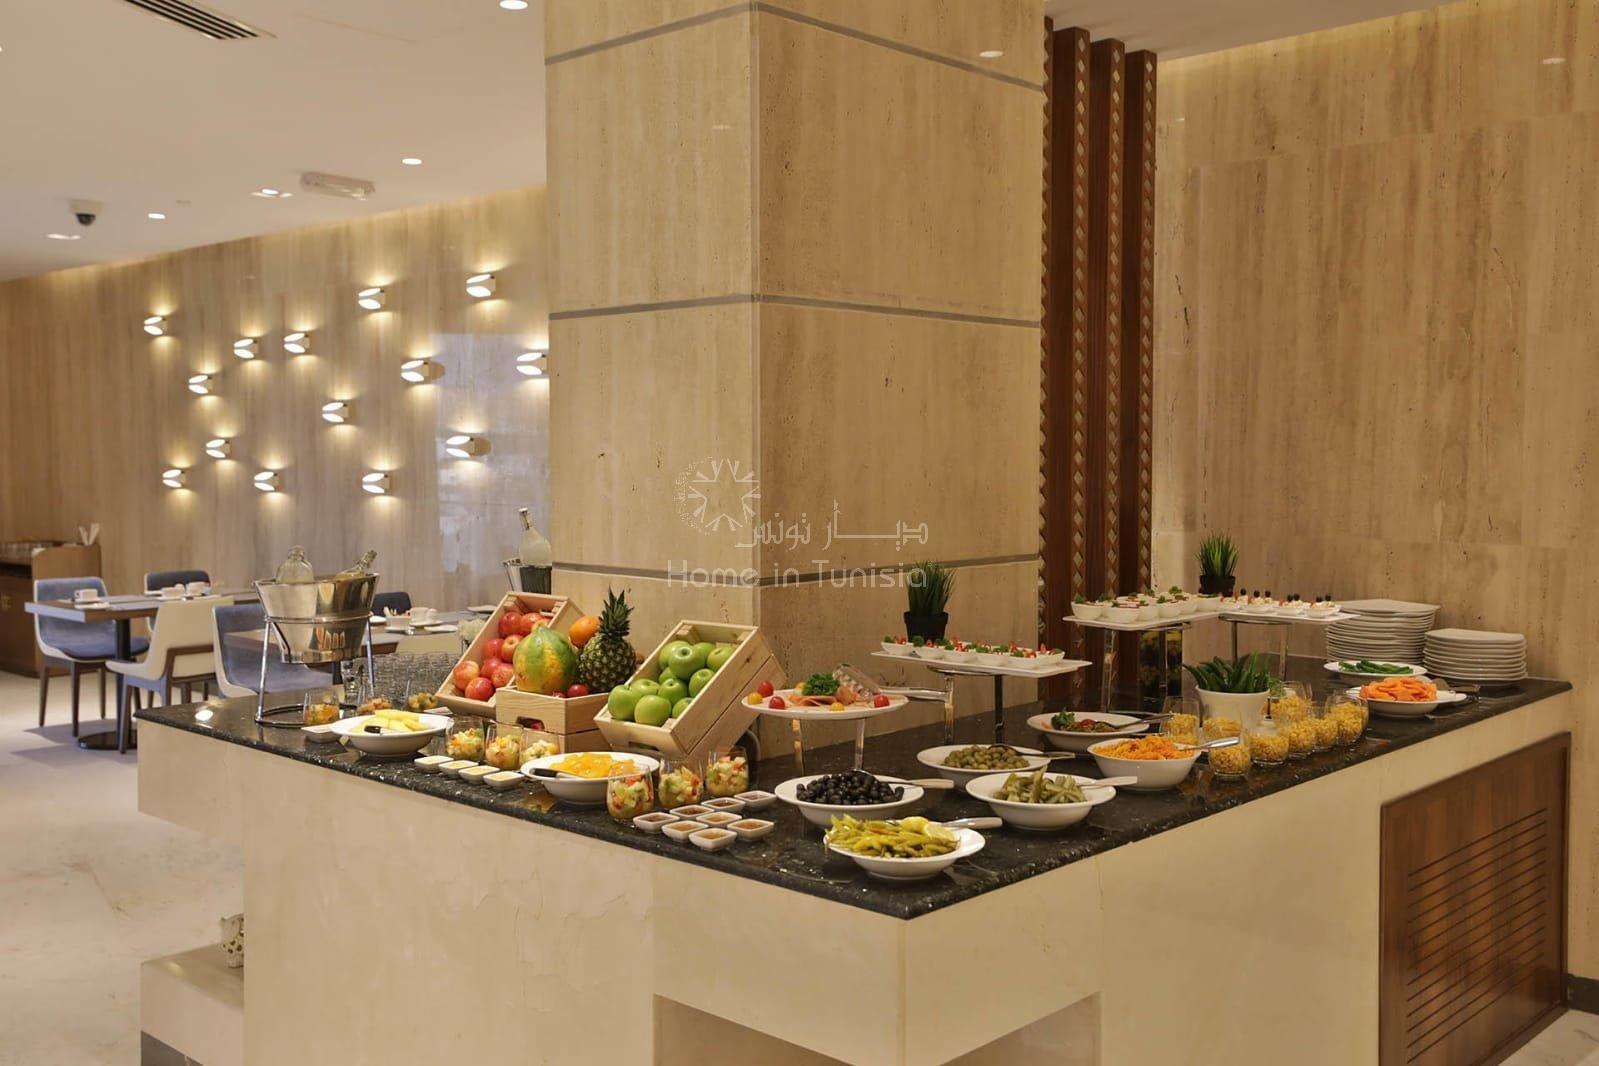 Location Hôtel - Doha - Qatar